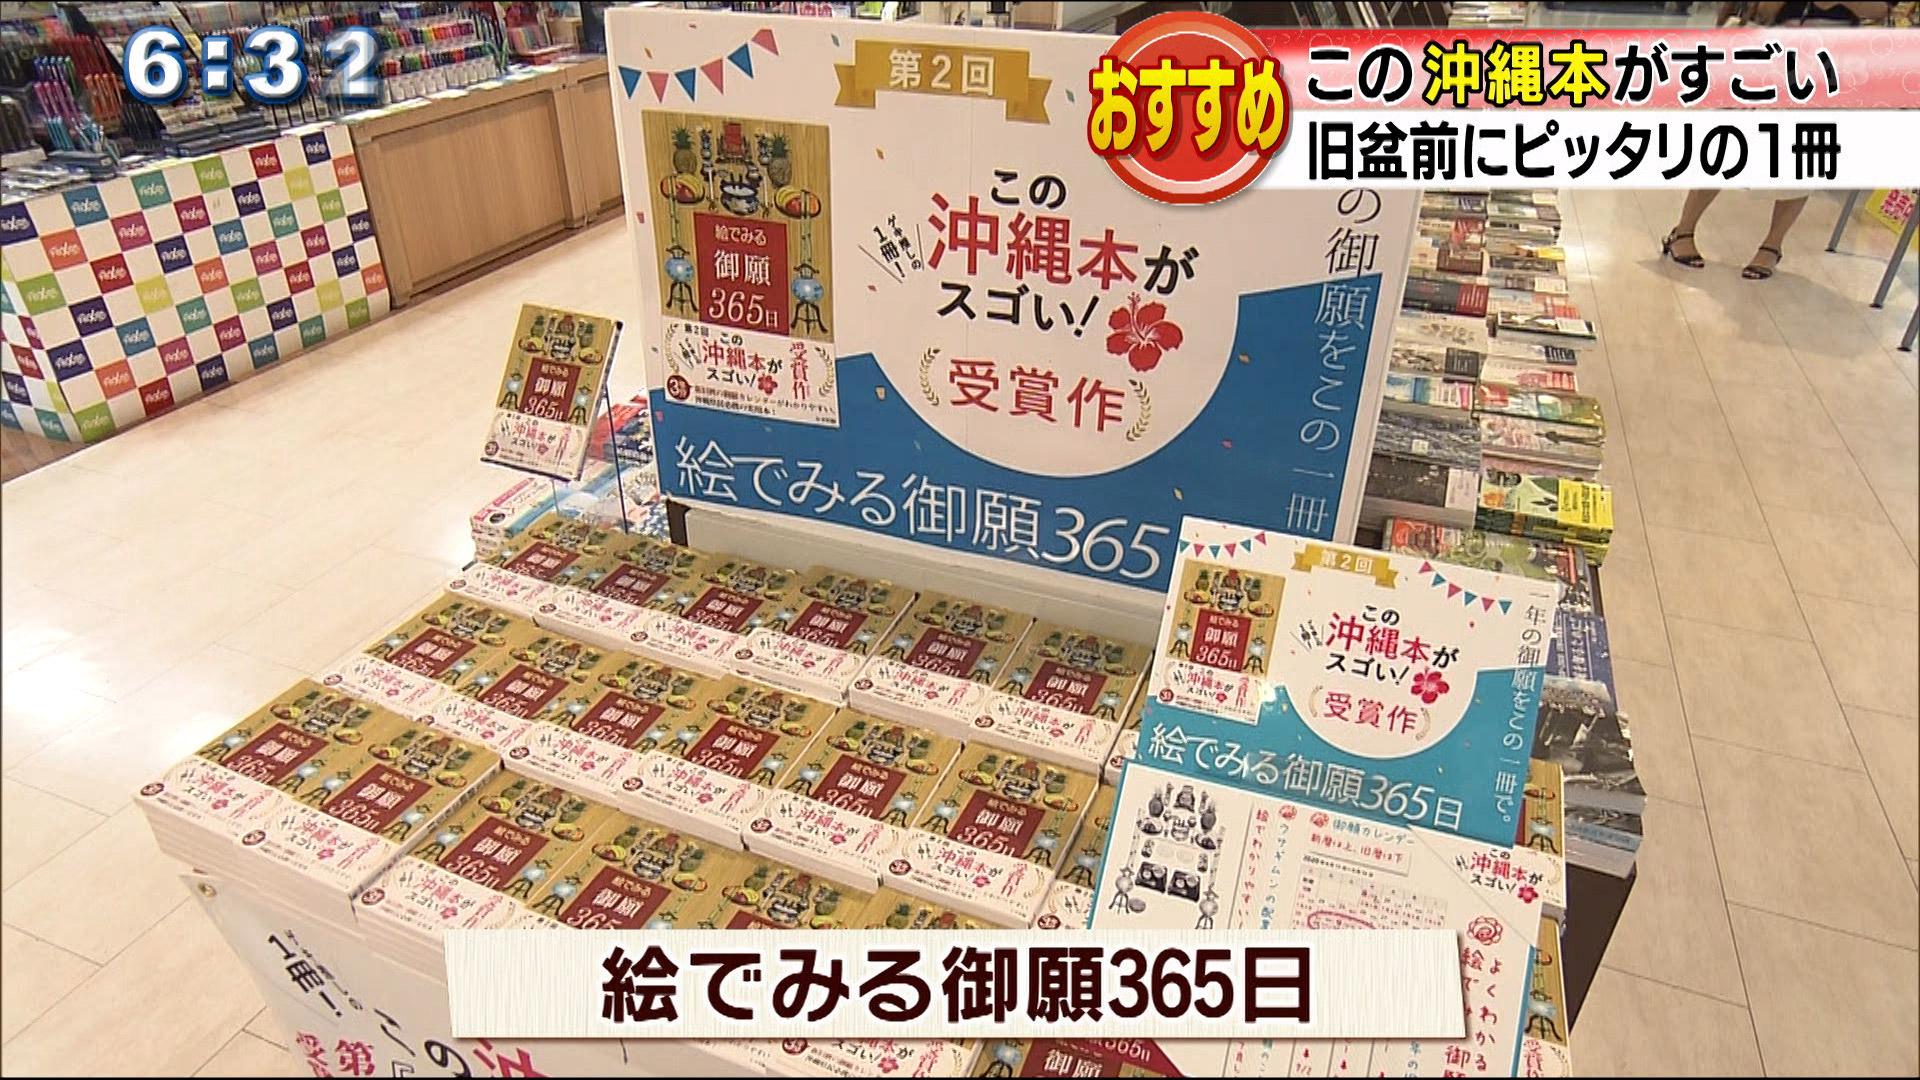 ゲキ推しの1冊「この沖縄本がすごい」発表